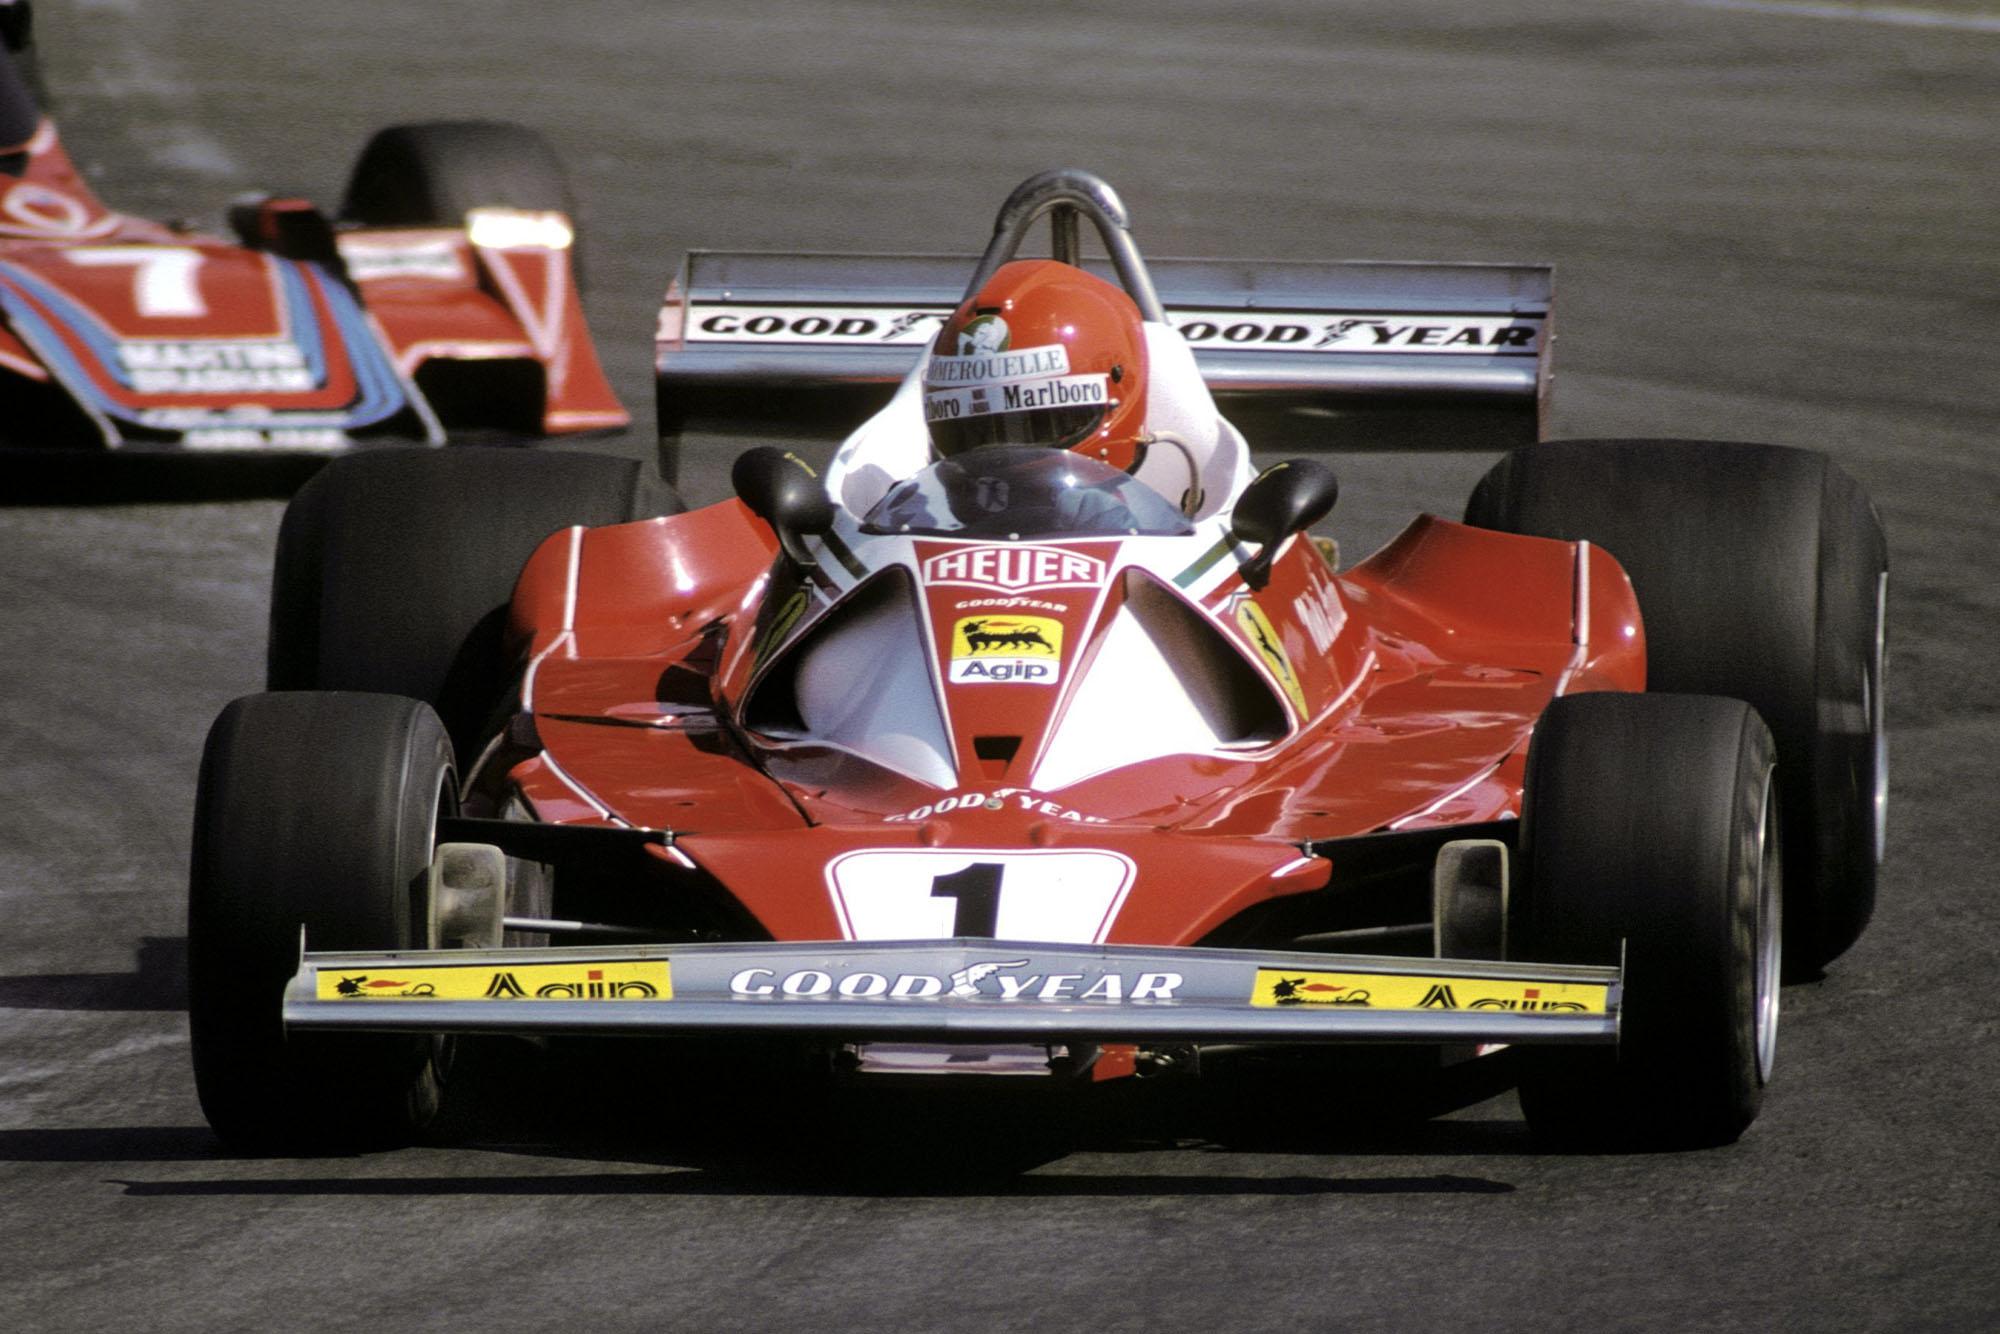 Niki Lauda (Ferrari), 1976 Belgian Grand Prix, Zolder.